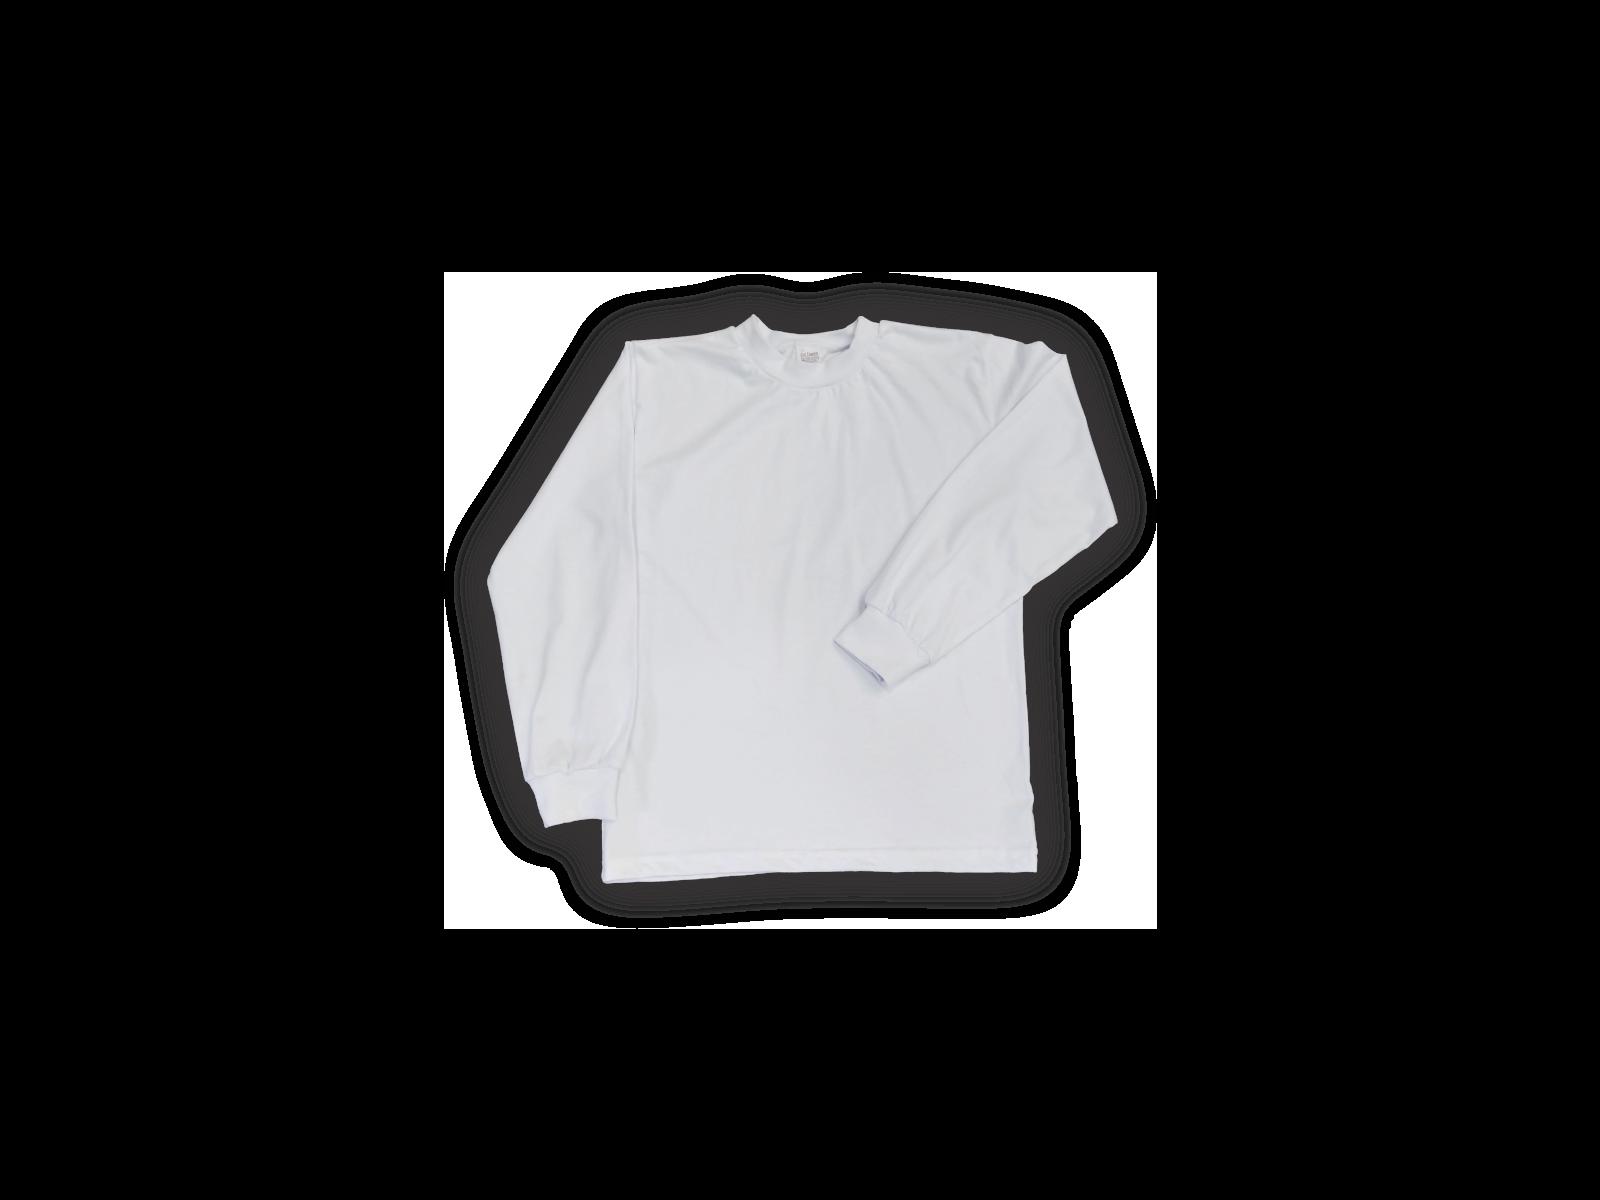 Kit 5 Camisetas Lisa Manga Longa Infantil Poliéster